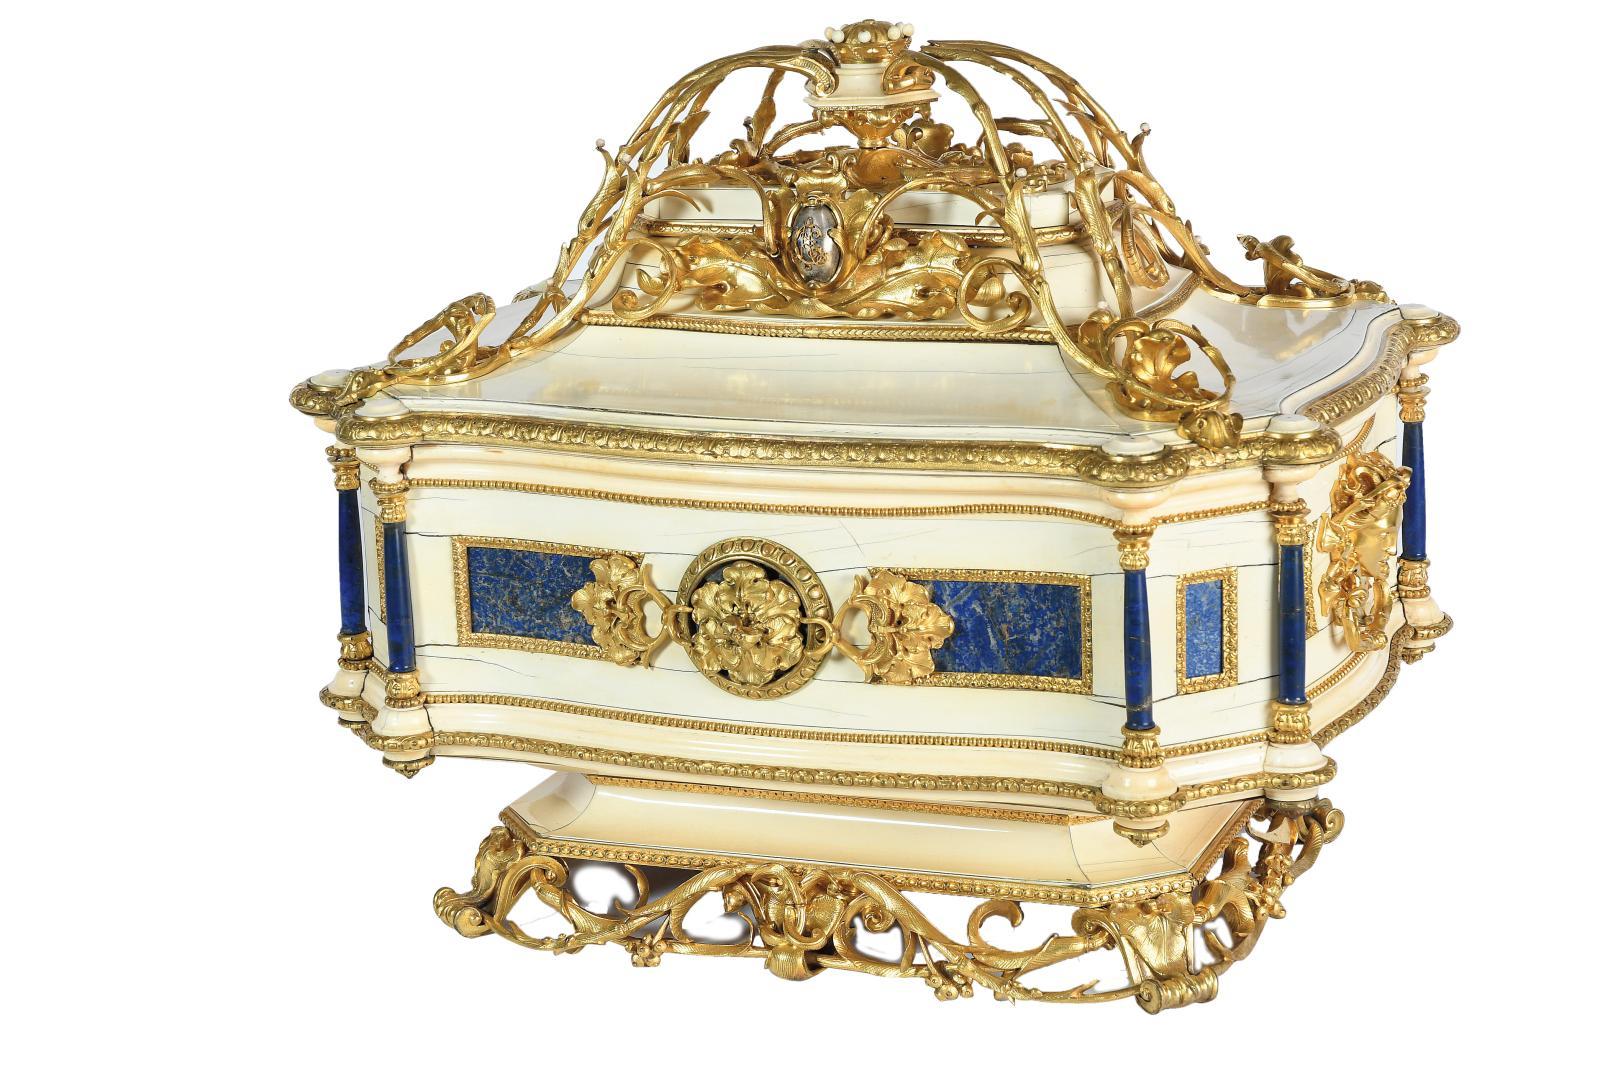 Ce coffret (52x62x49cm) serait un présent offert à l'occasion de la naissance, en 1842, d'Alfred Charles de Rothschild, fils de Lione